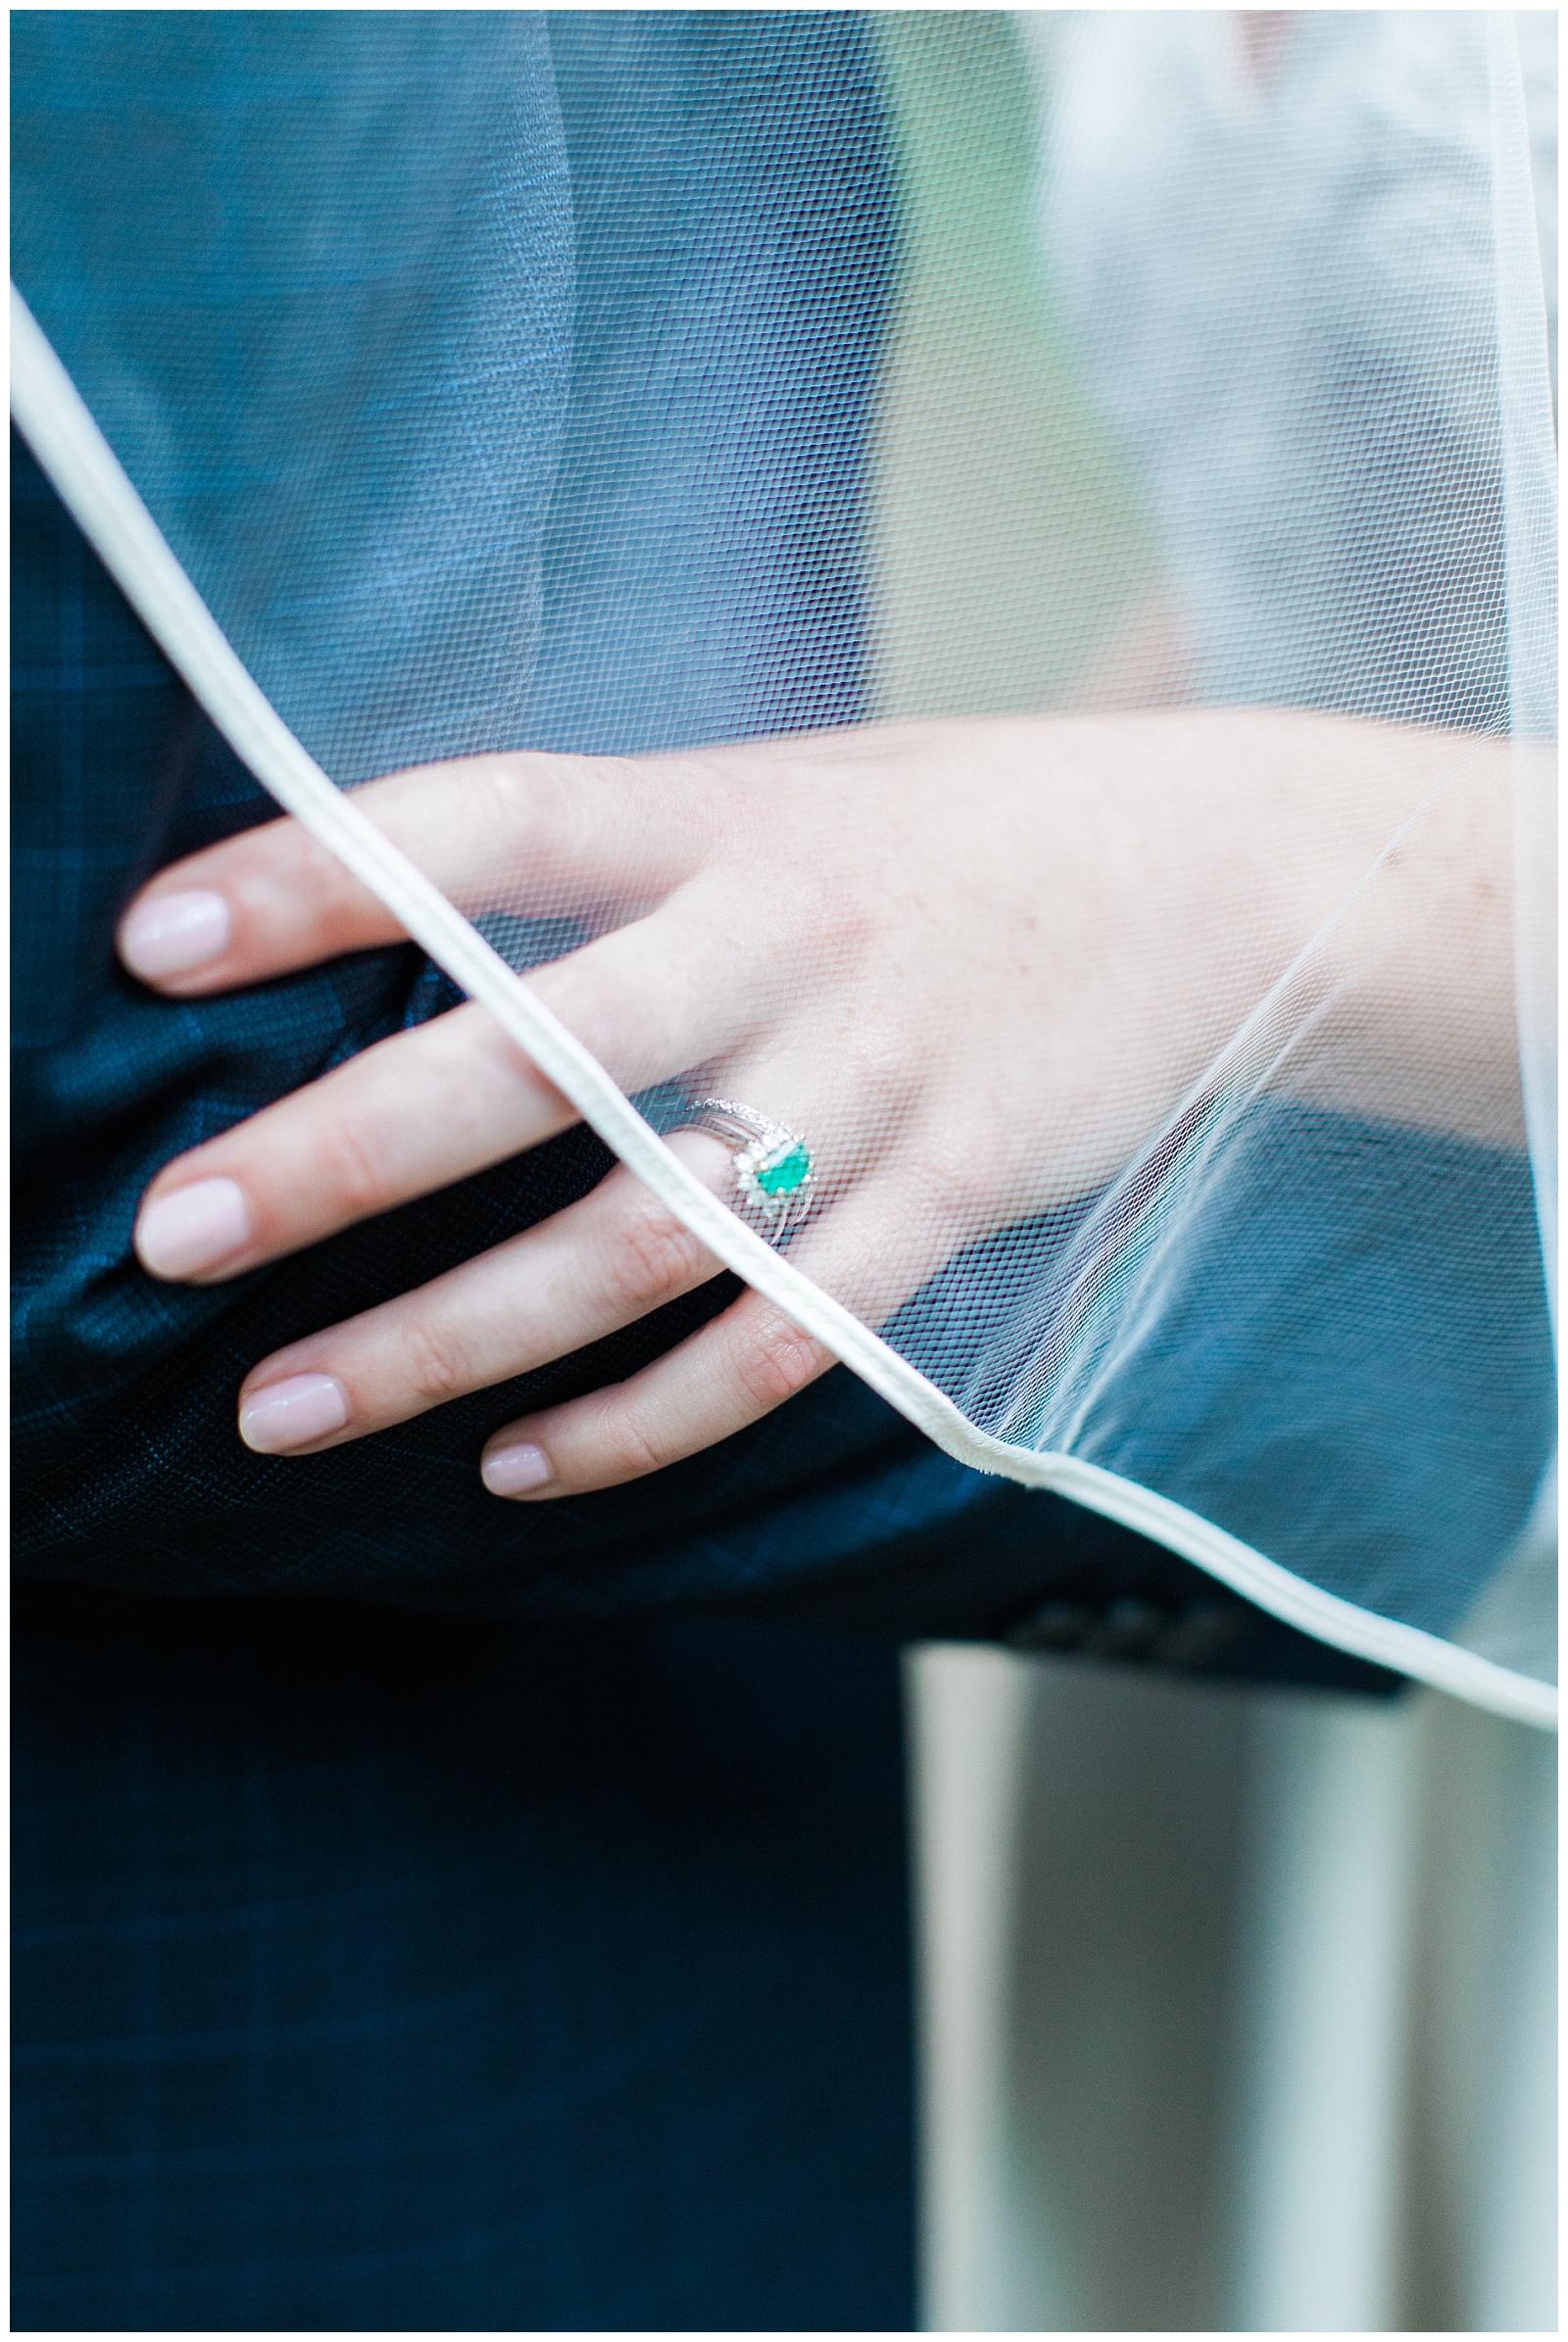 Bridal ring under veil at Guelph Ontario Wedding | Ontario Wedding Photographer | Toronto Wedding Photographer | 3photography